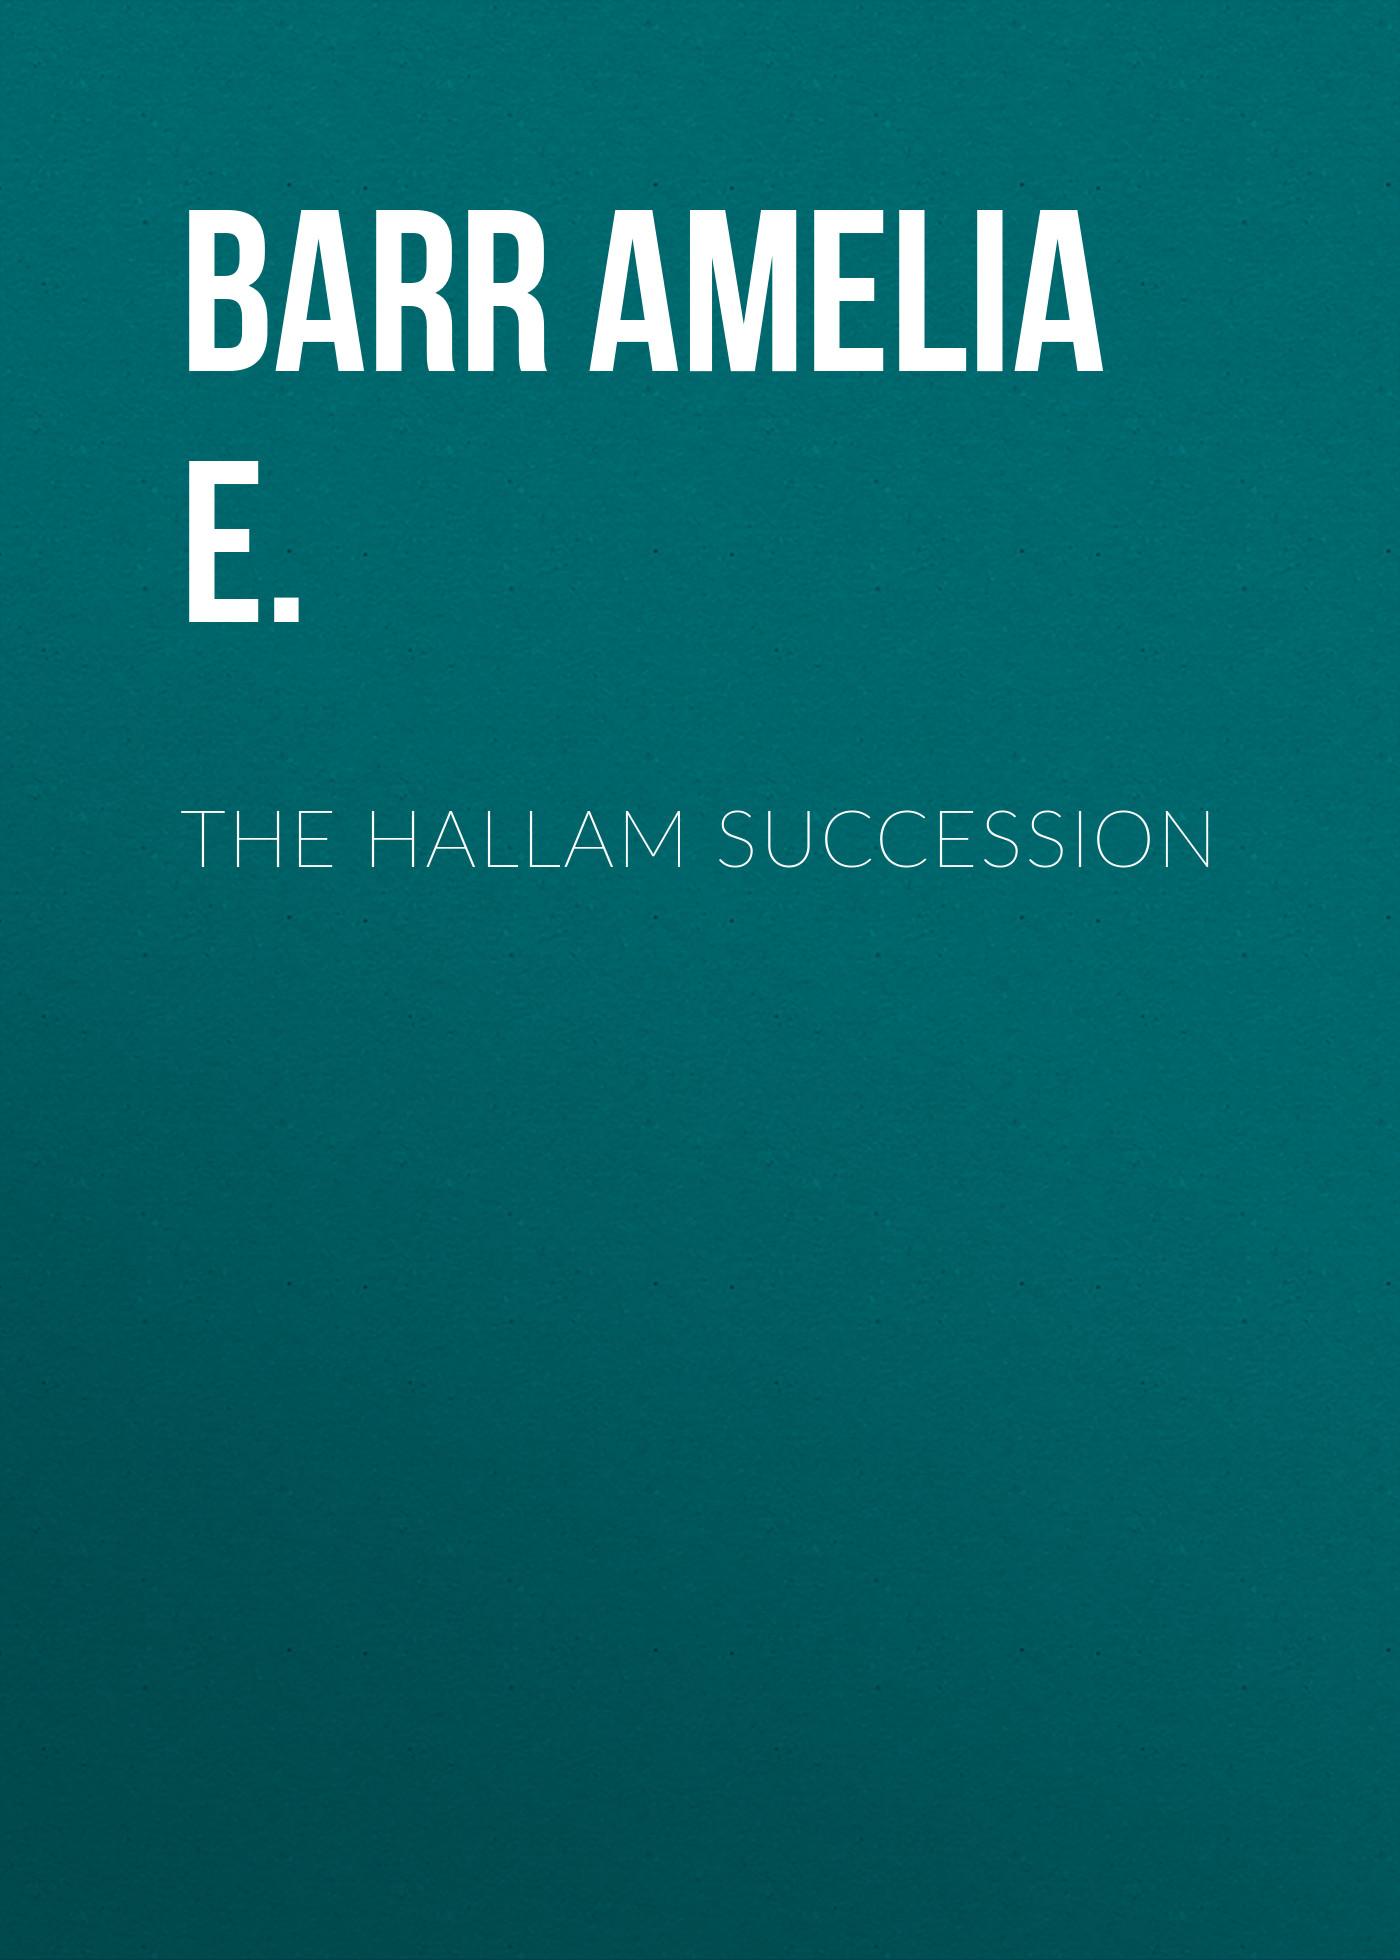 Barr Amelia E. The Hallam Succession barr amelia e the maid of maiden lane